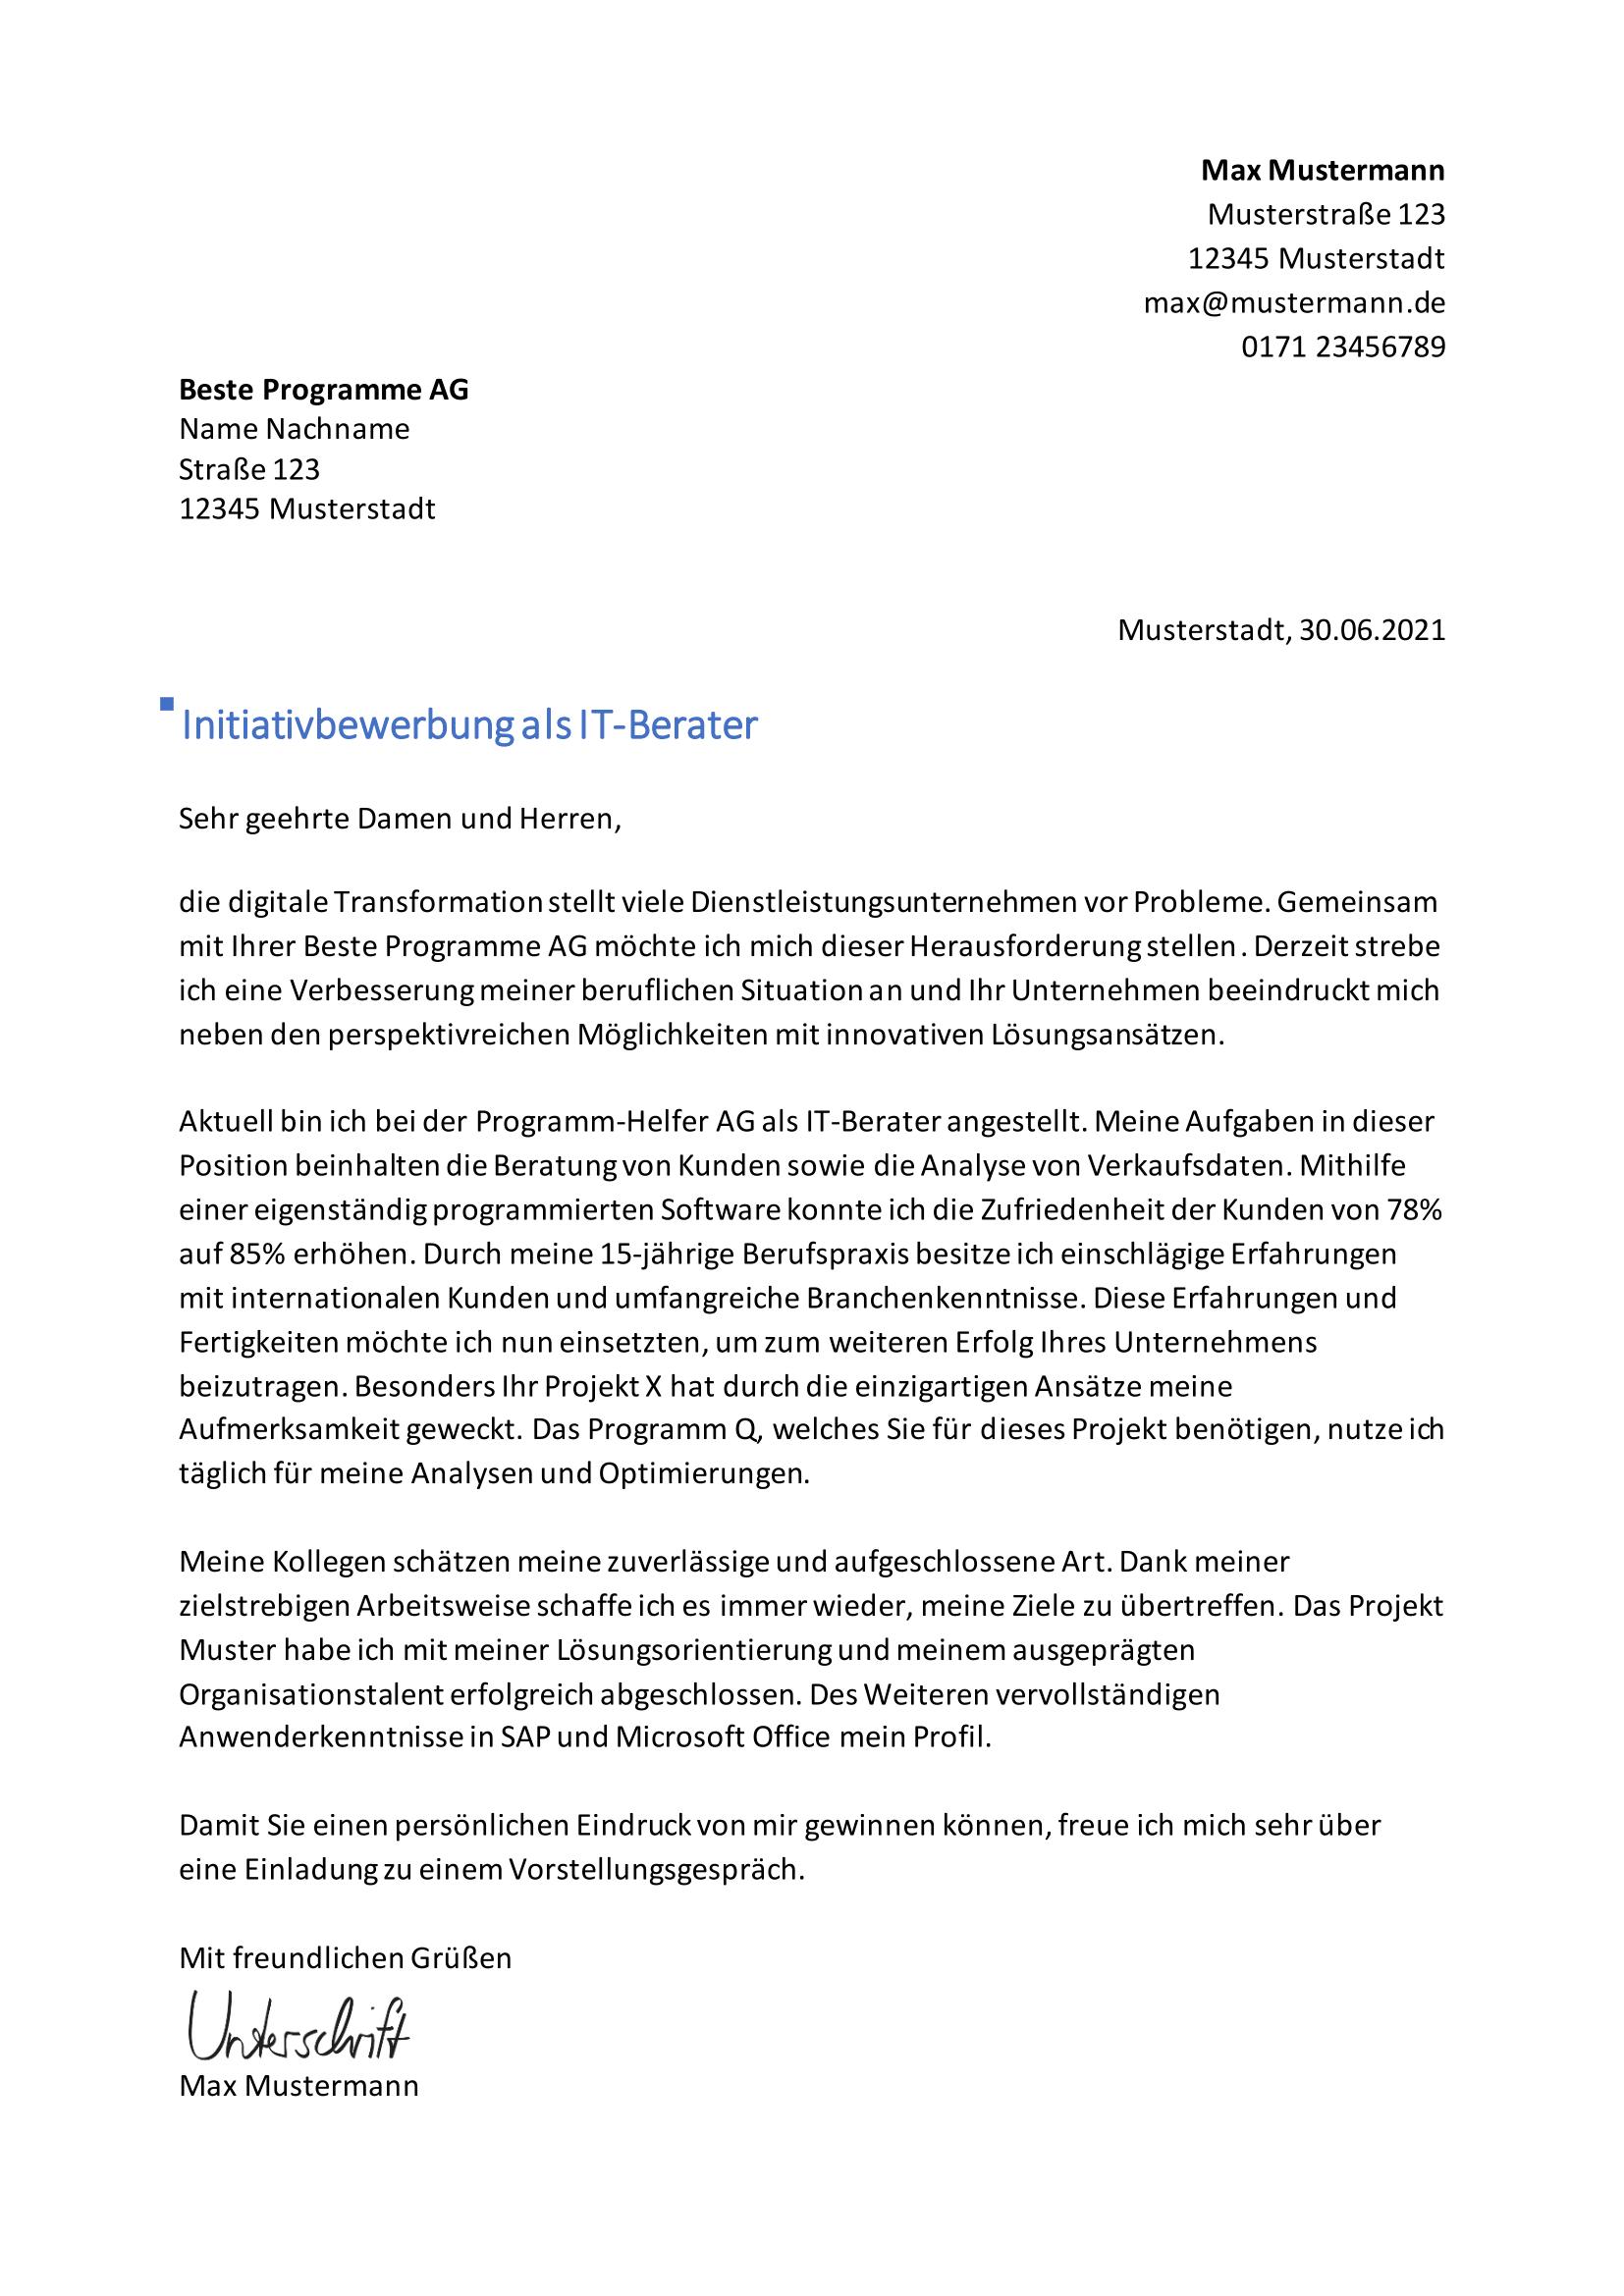 bewerbung.net_initiativbewerbung_muster_anschreiben.png